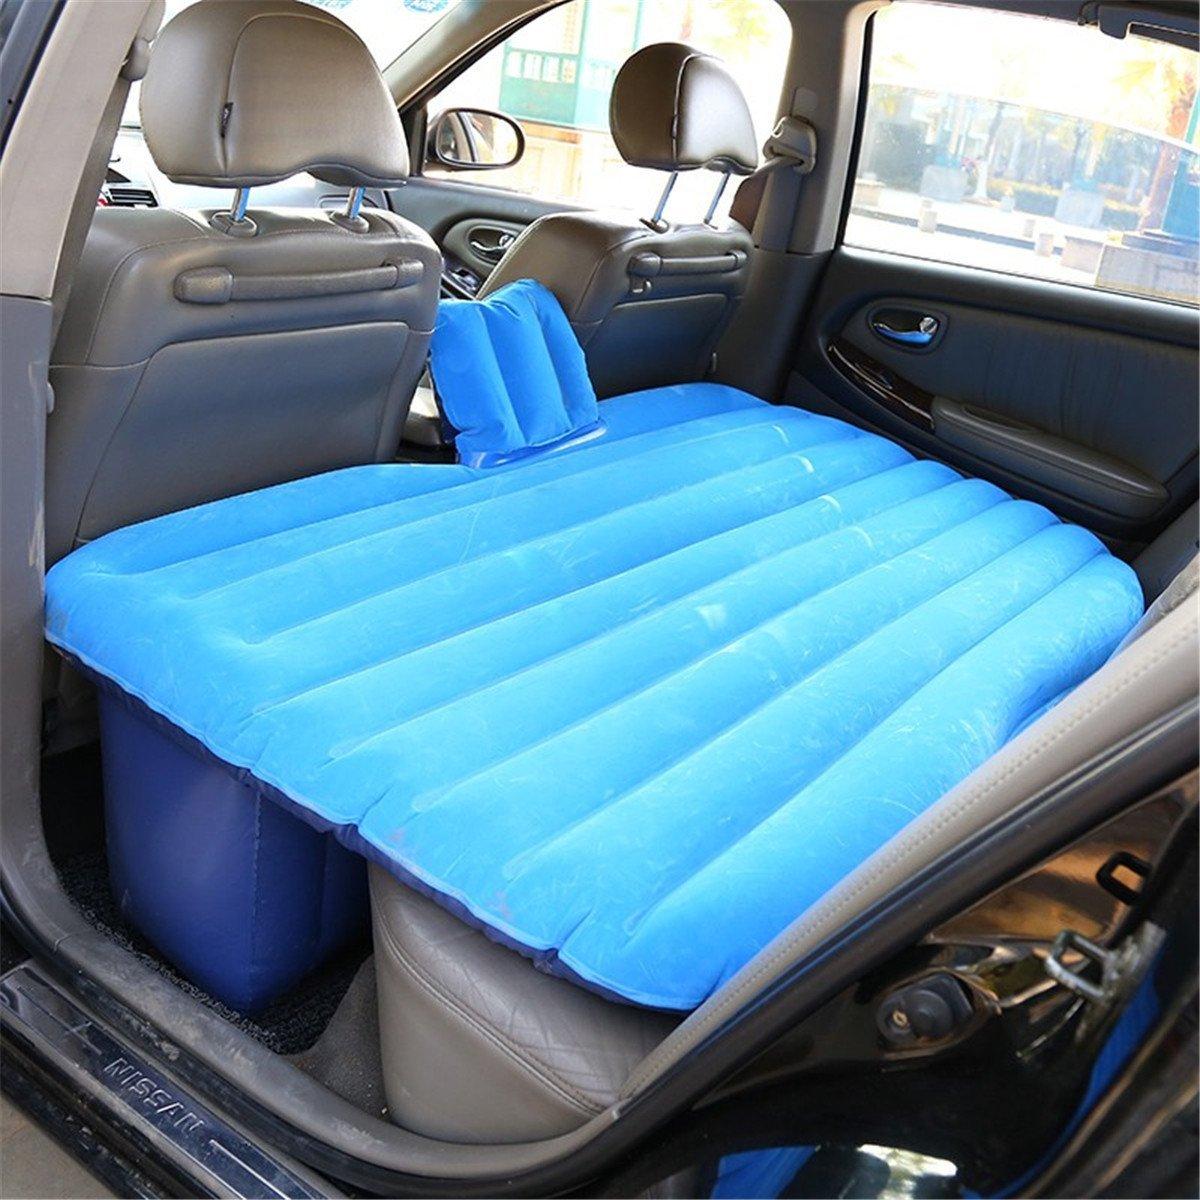 Cuscini Gonfiabili Per Auto.Materasso Gonfiabile Per Auto Materassi 360